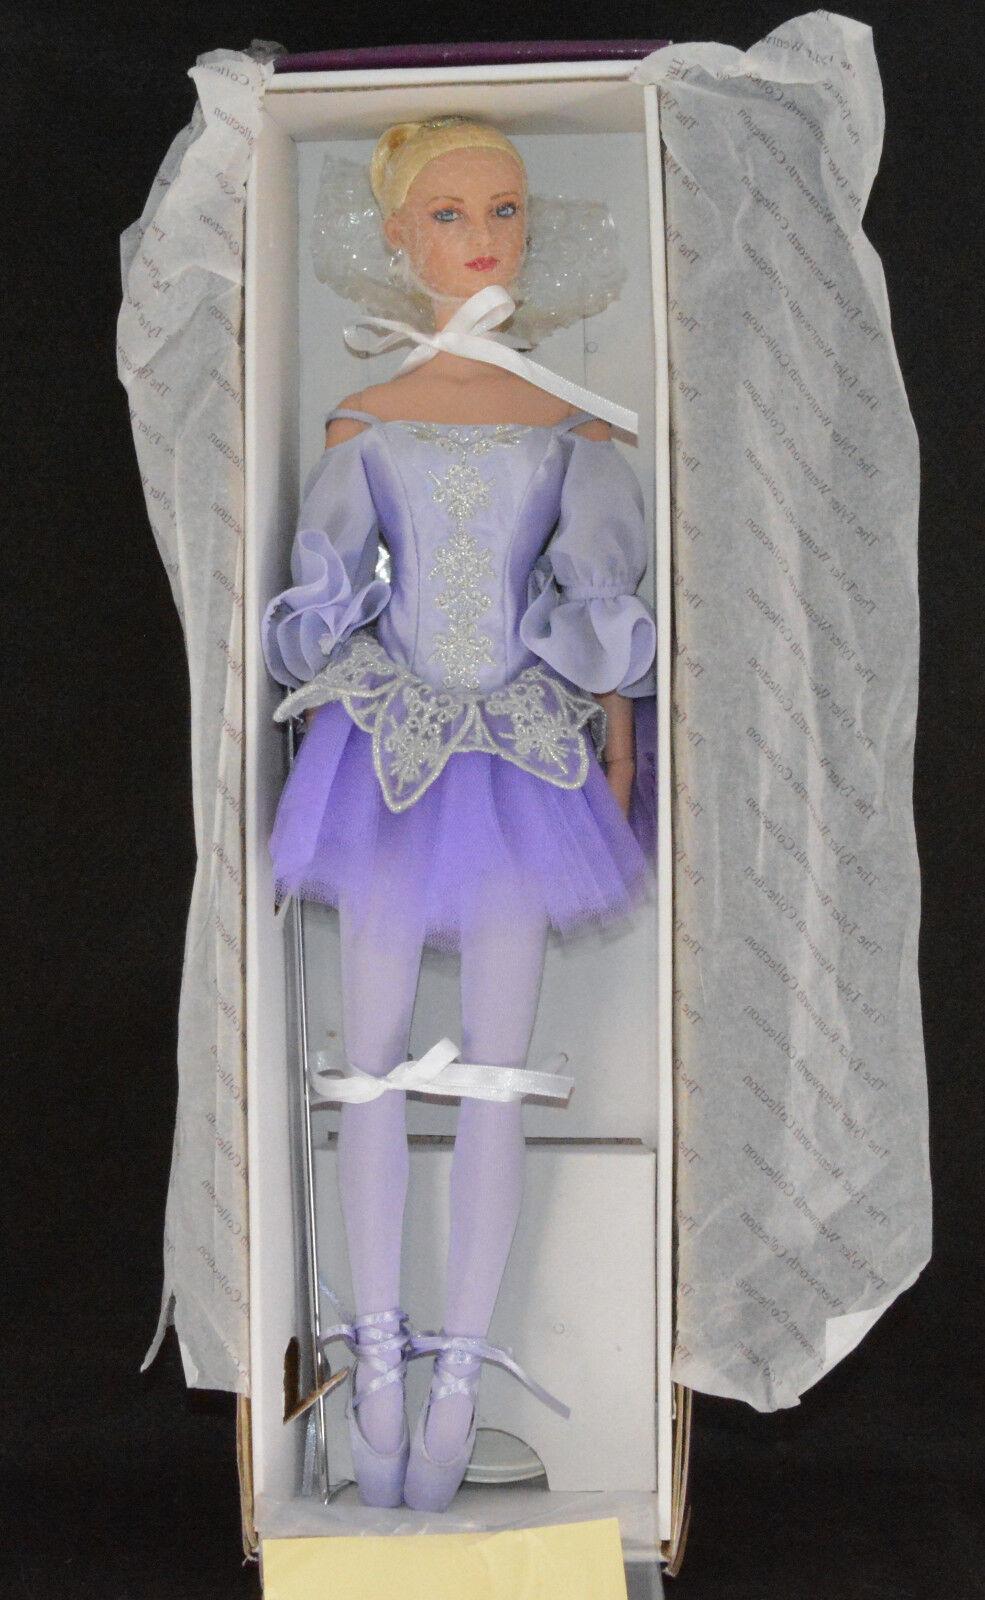 Tonner 1st Ballerina  Les Etoiles Emilie 2006 16  Tall)